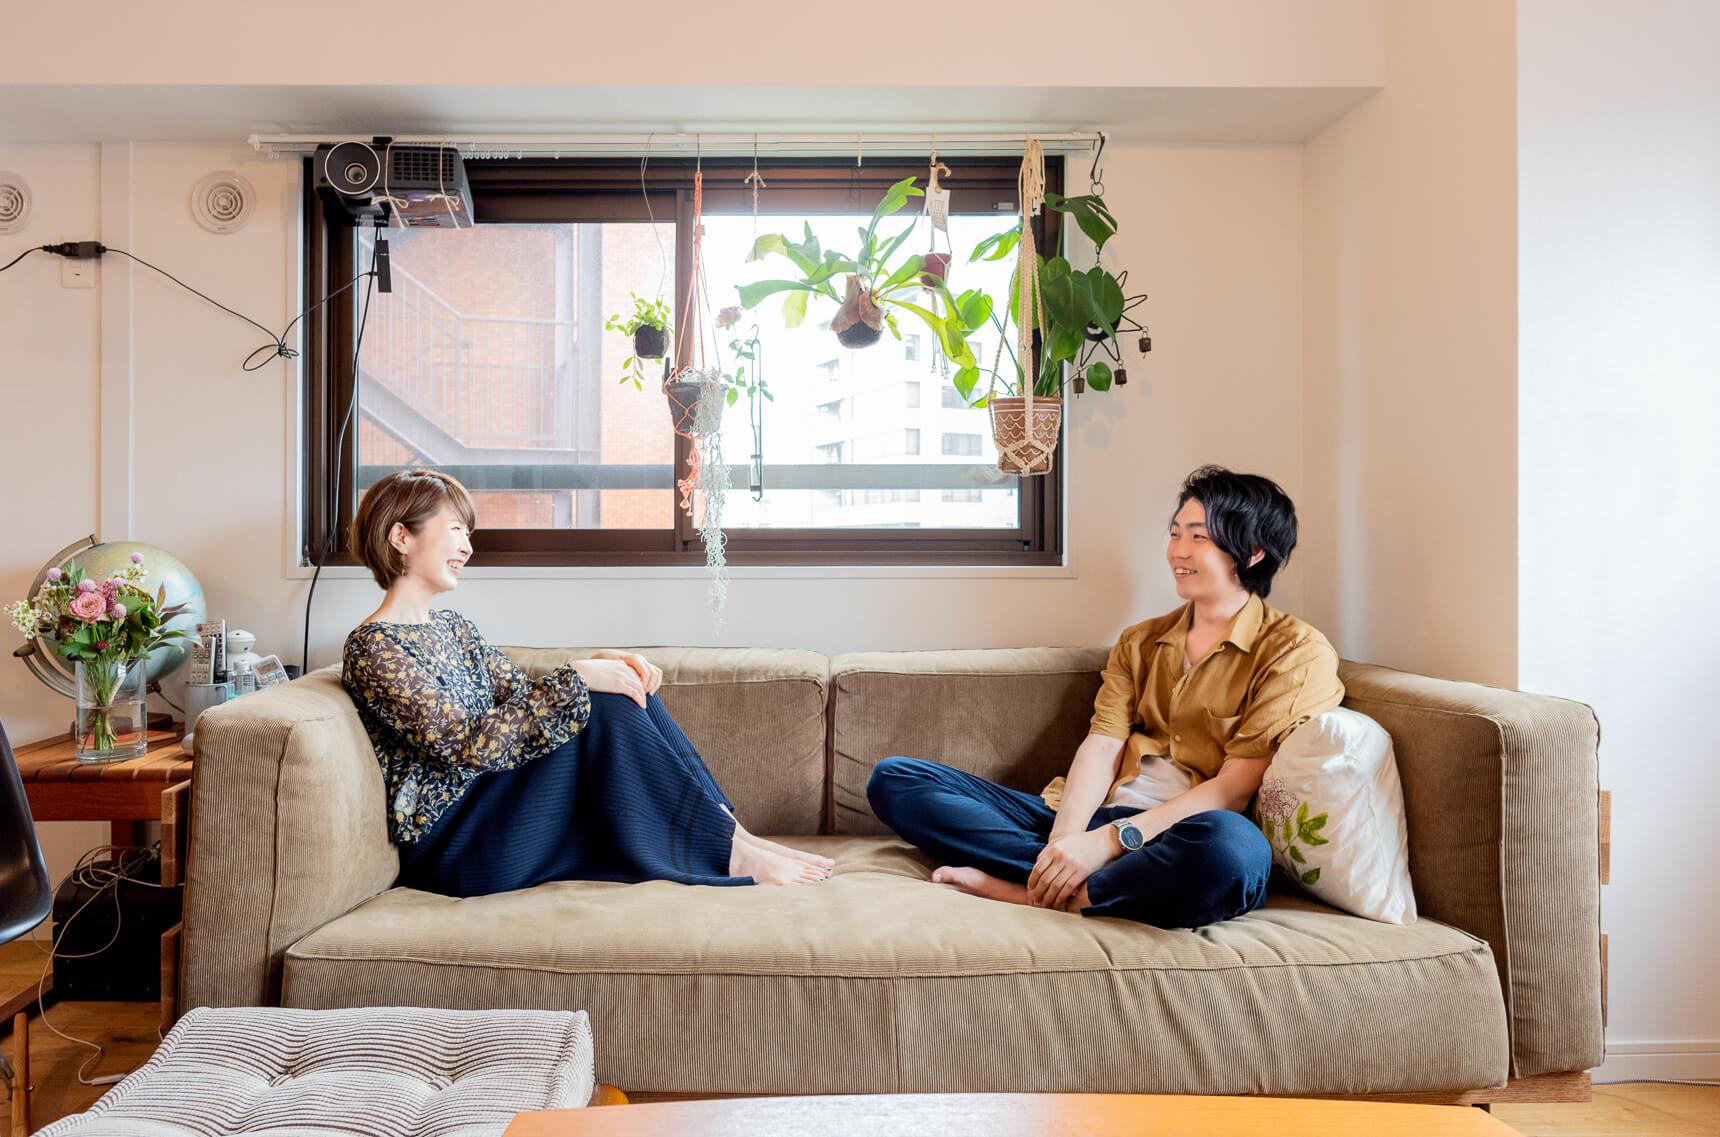 そしてなんと言っても同じく窓際に置かれたソファ。けっこうな奥行きがあってゆったりとしているのが特徴だ。こちらはMOMO Naturalで購入。